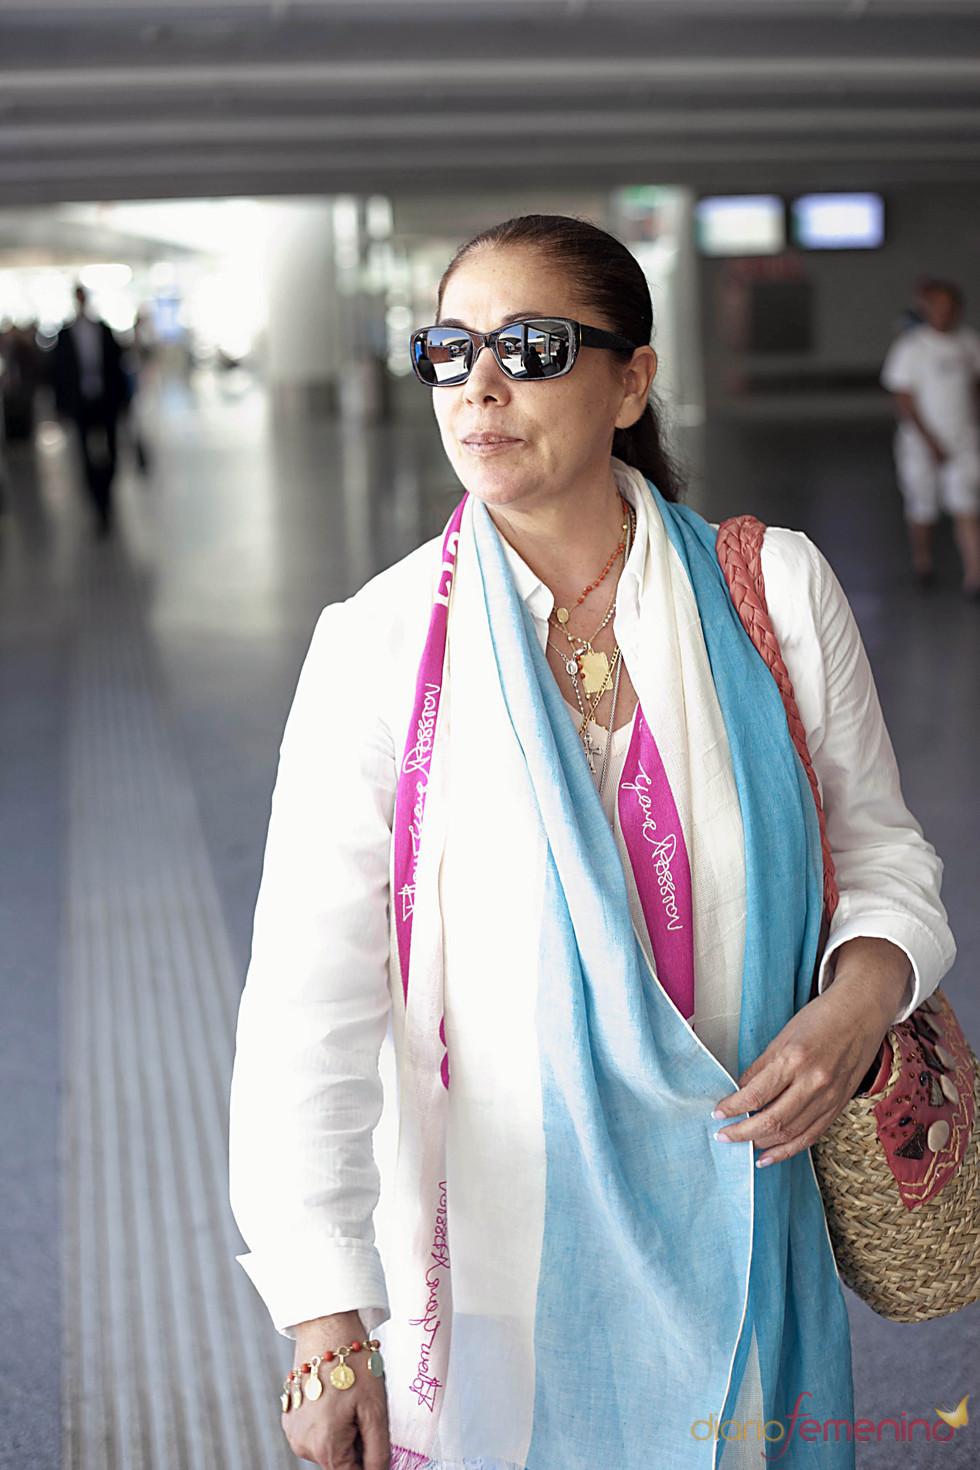 Isabel Pantoja en la estación de Atocha de Madrid en junio de 2011